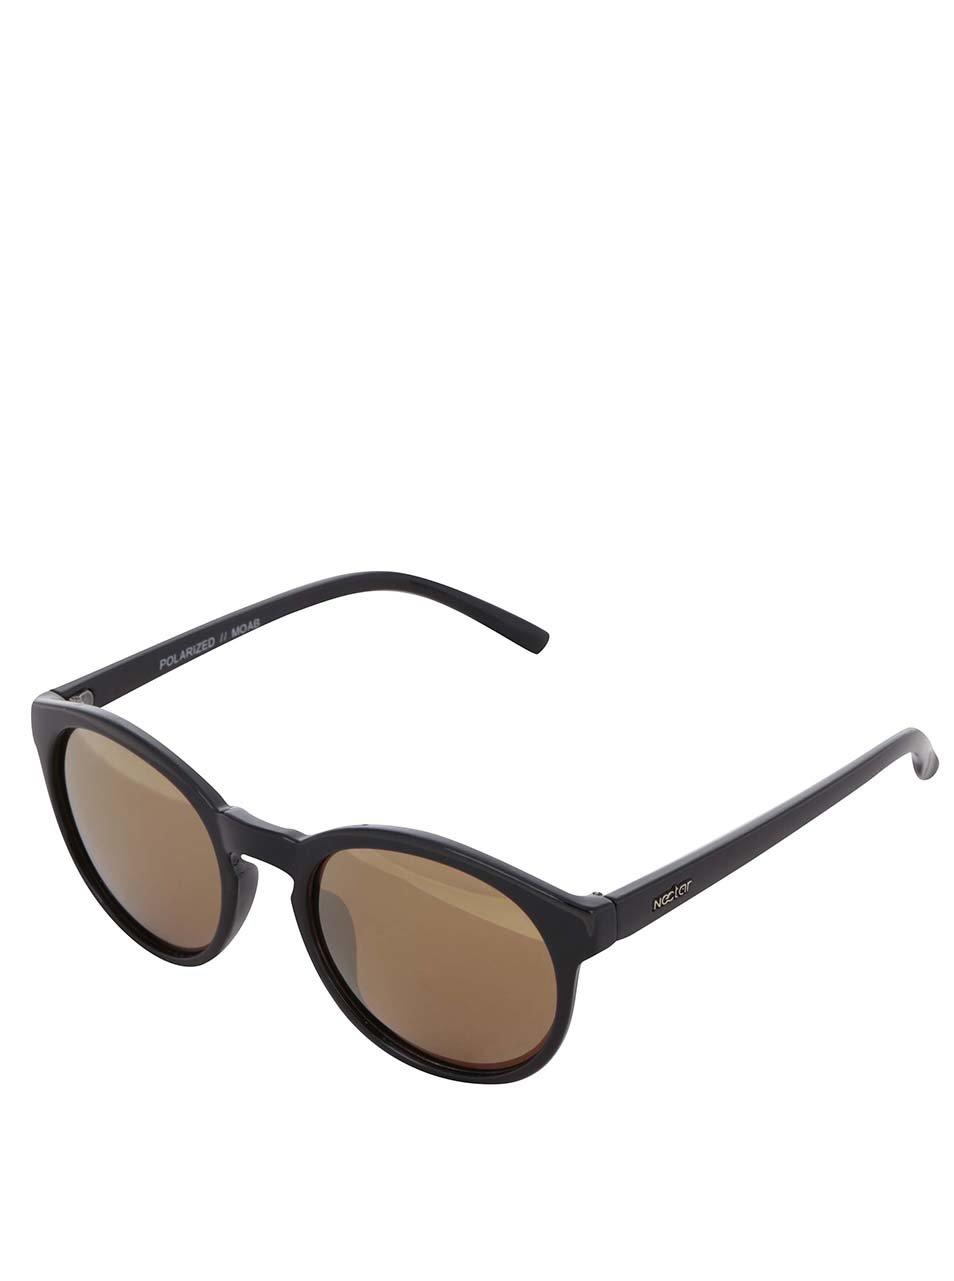 Černé dámské sluneční brýle s hnědými skly Nectar Moab